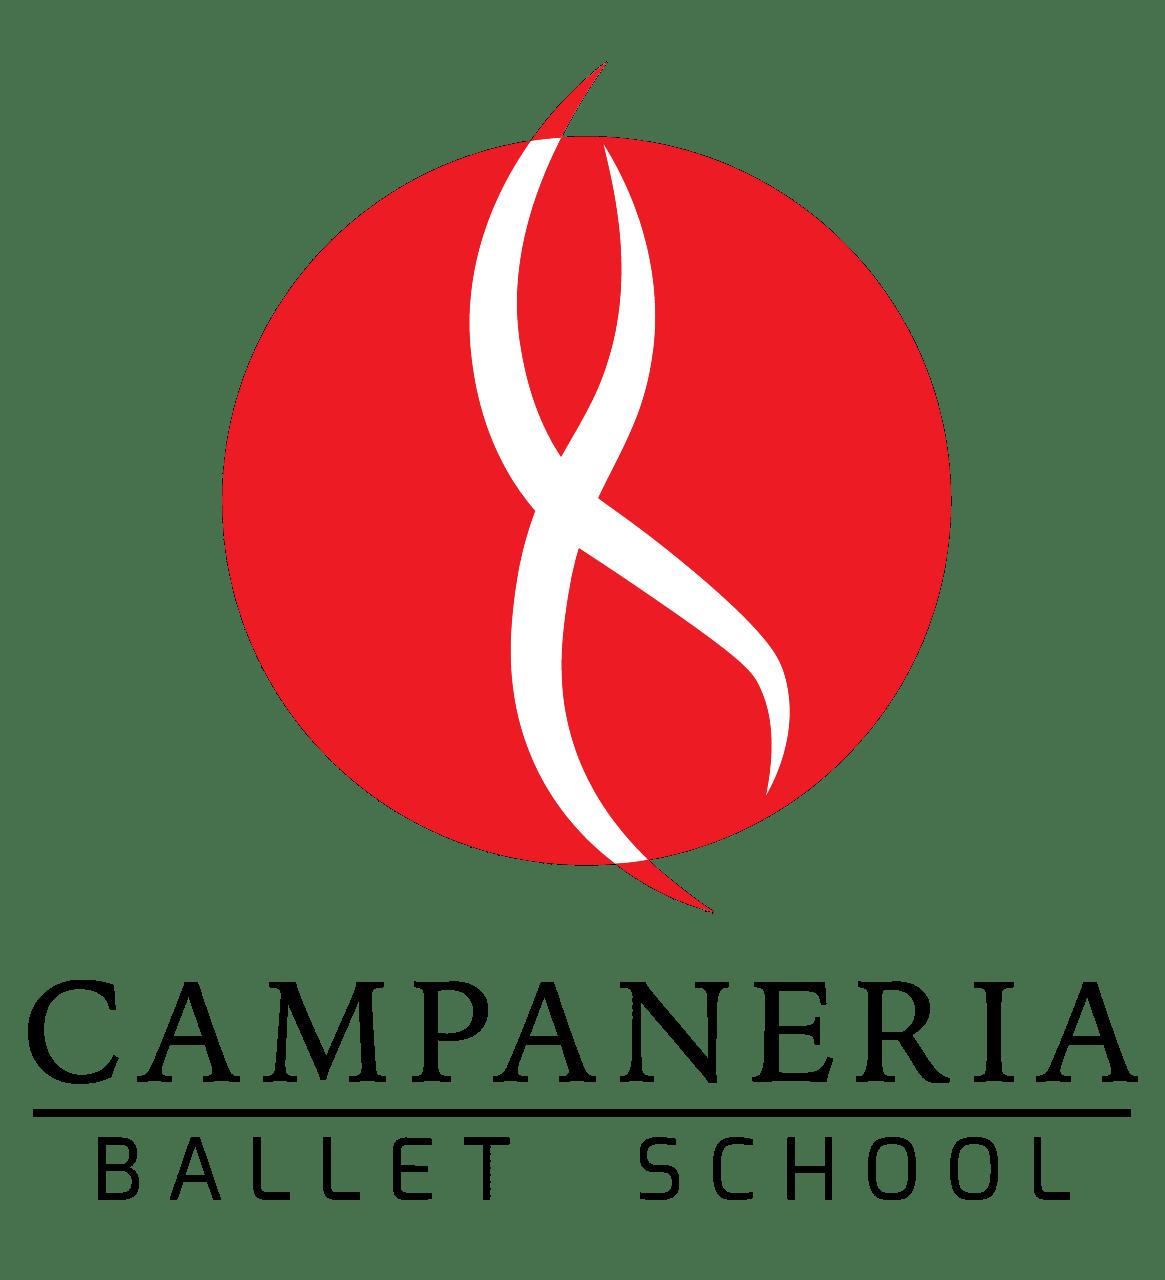 Campaneria Ballet School